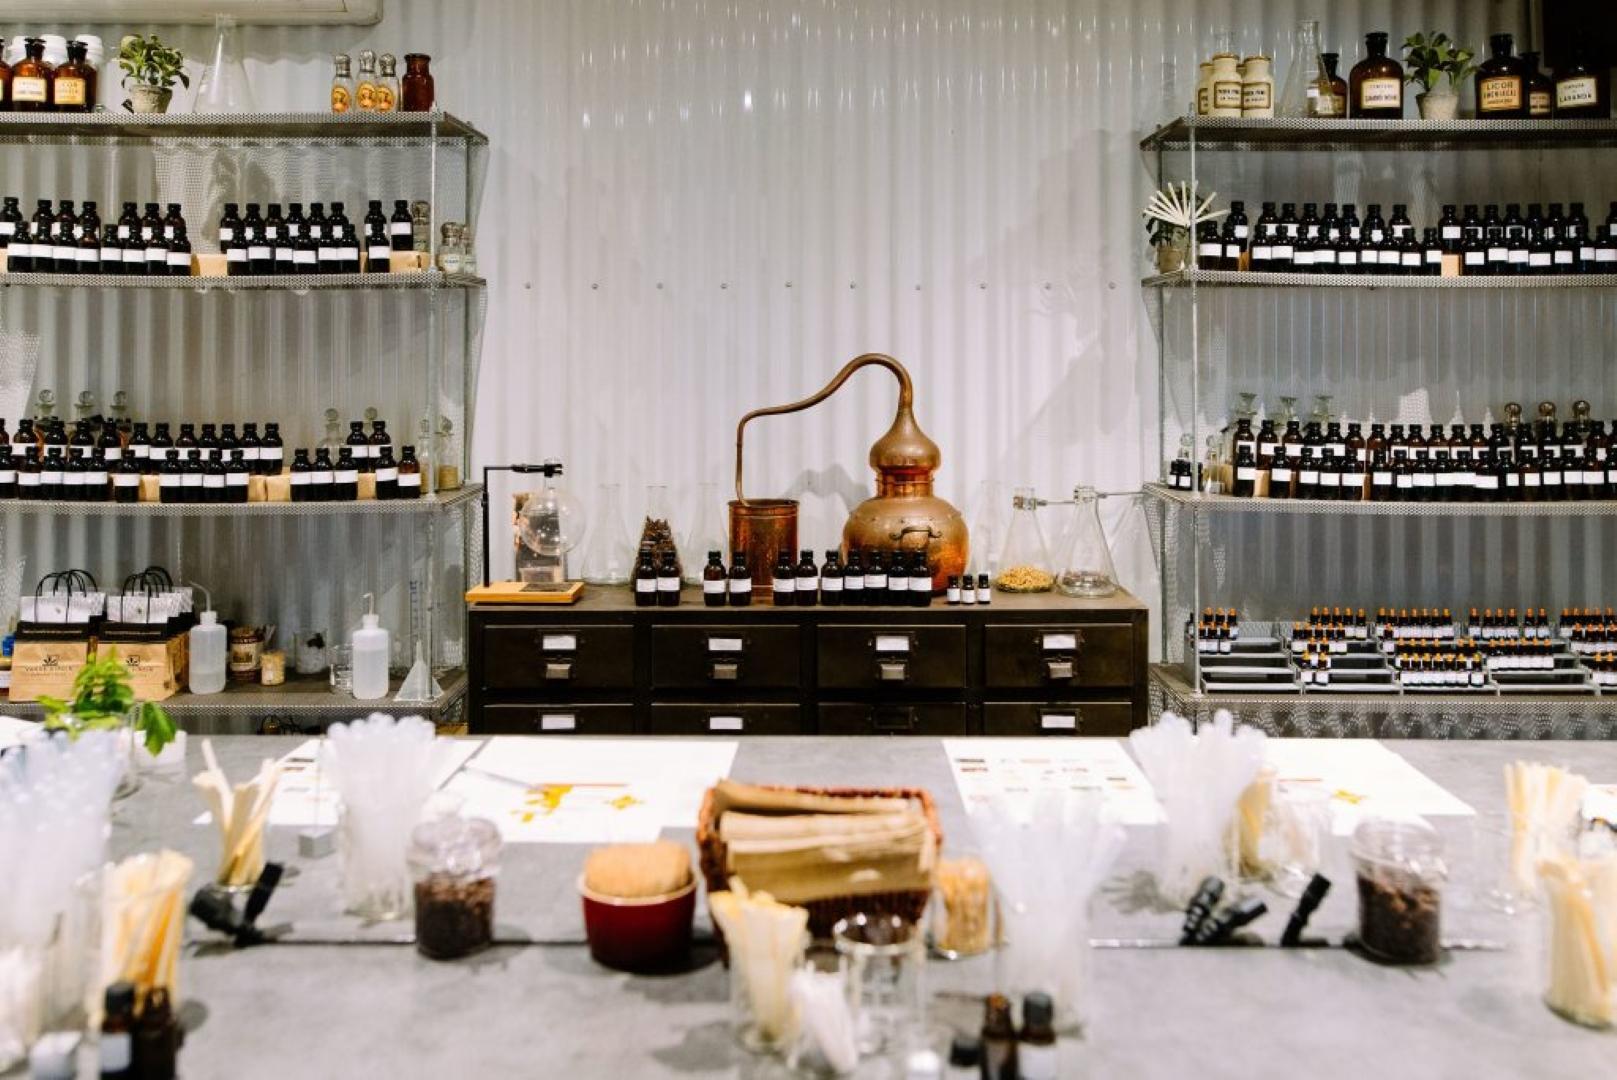 Vasse Virgin Perfume Workshops